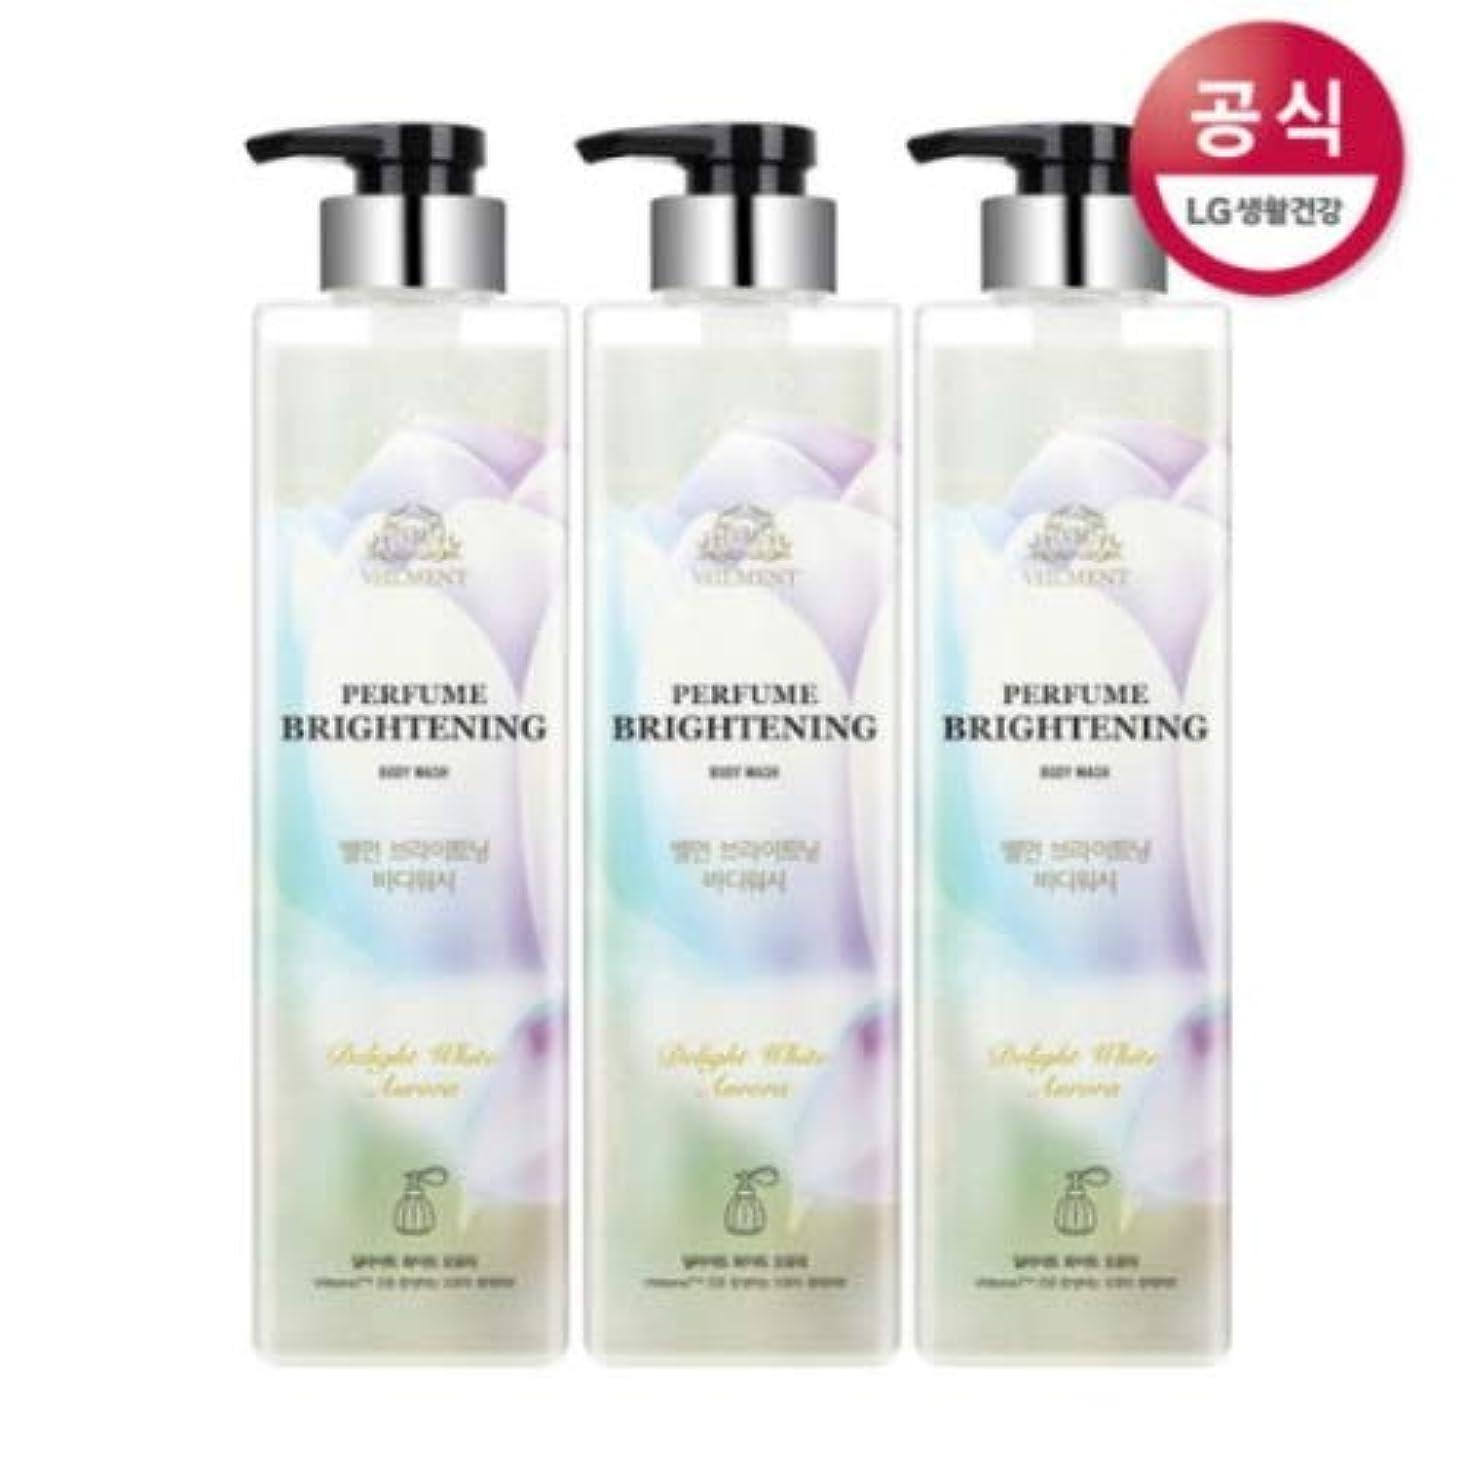 接辞申し立てられた望む[LG HnB] On the Body Belman Perfume Brightening Body Wash / オンザボディベルモンパフュームブライトニングボディウォッシュ680mlx3個(海外直送品)